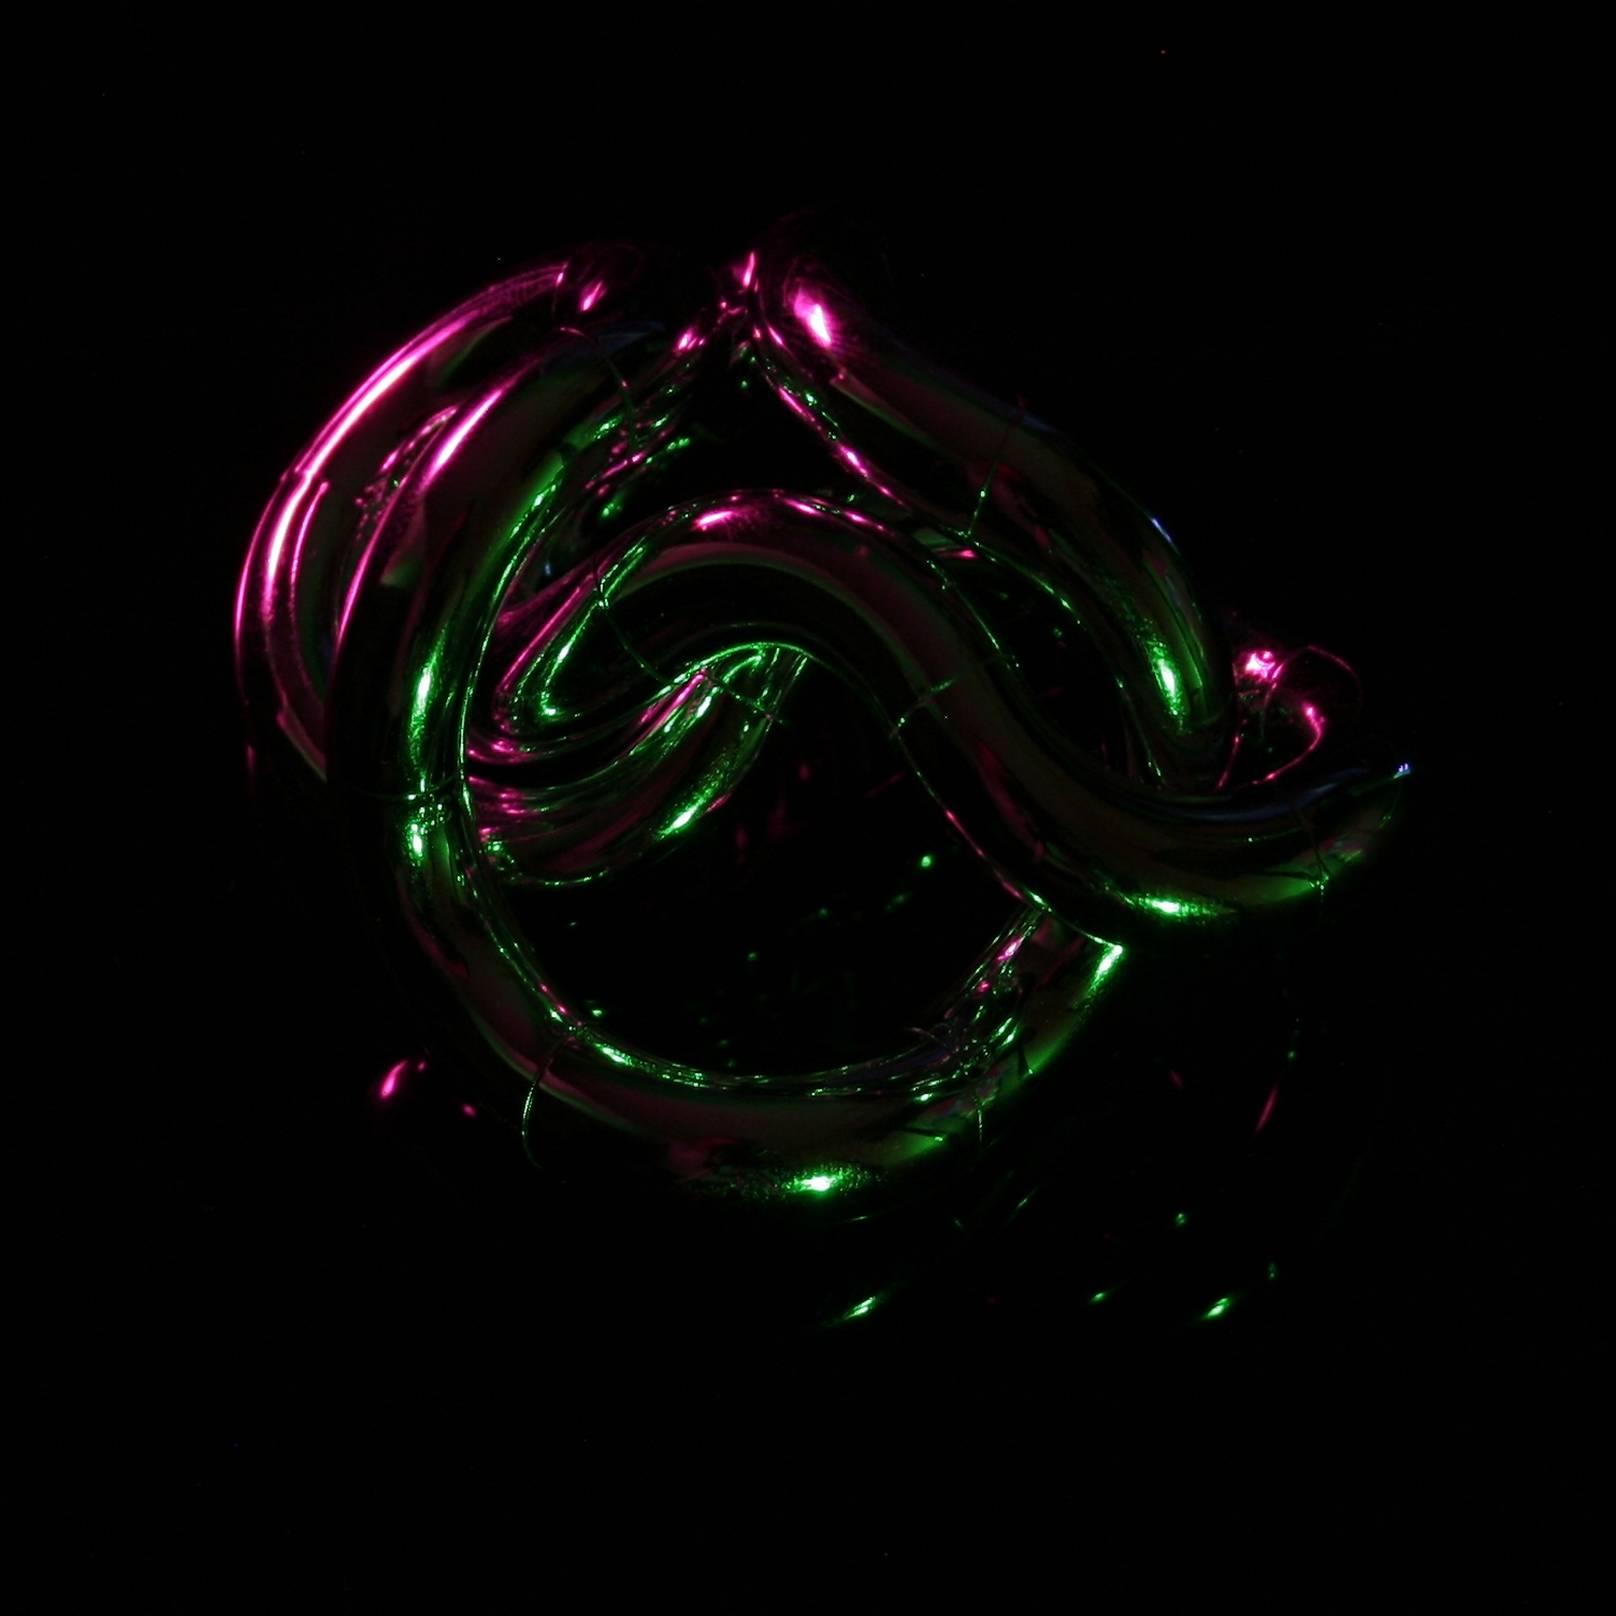 objet serie 2 25 02 2013_0056